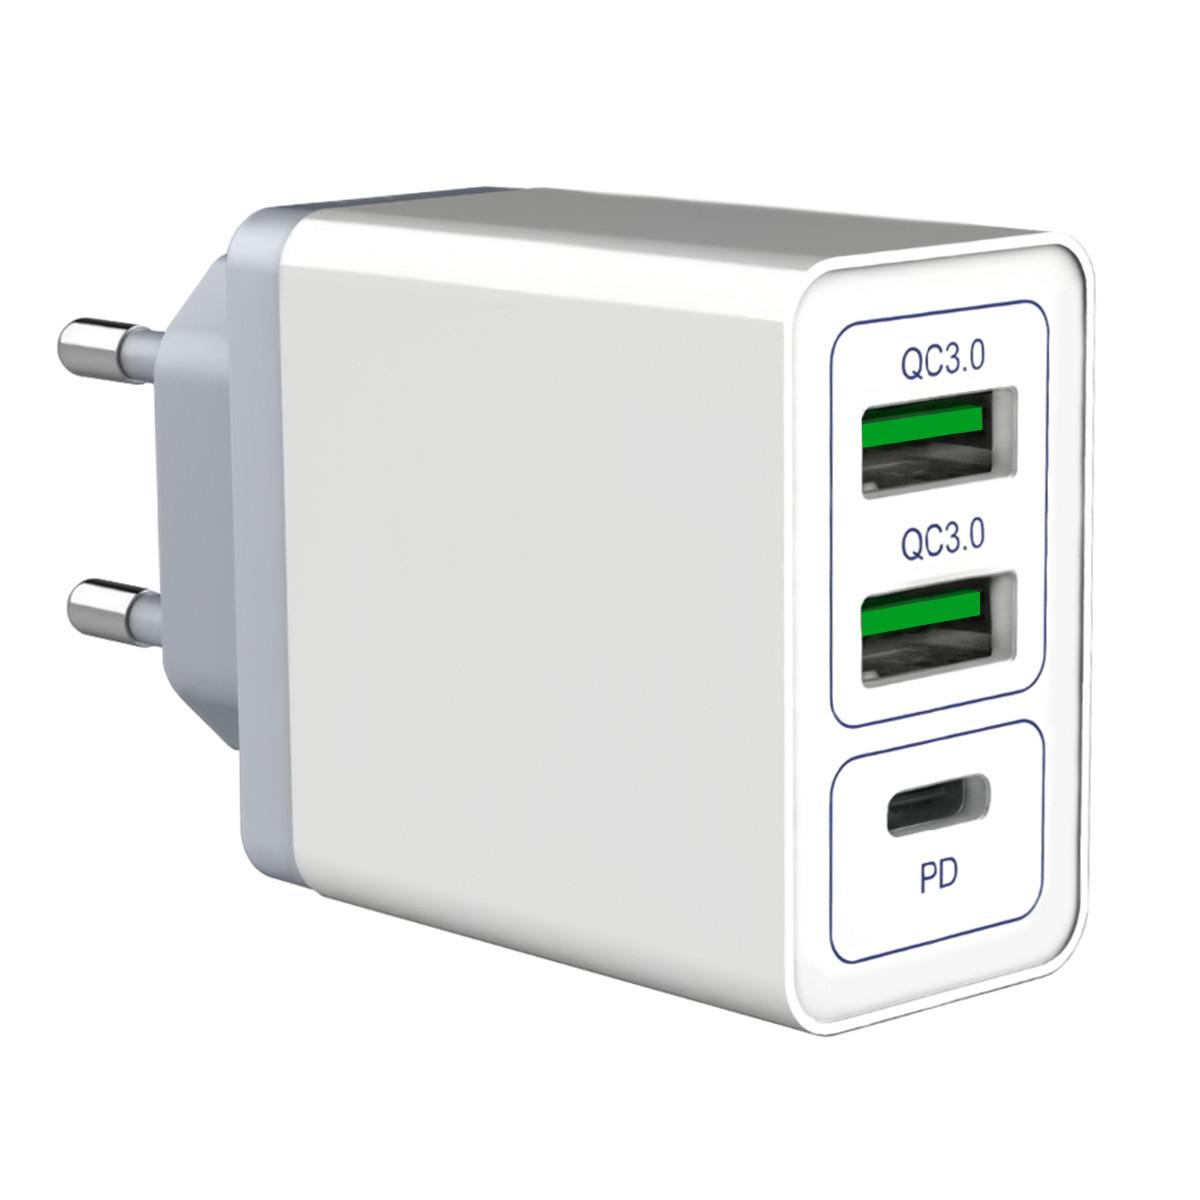 Зарядное устройство SKY (RS 021) 2QC / PD (36W) White